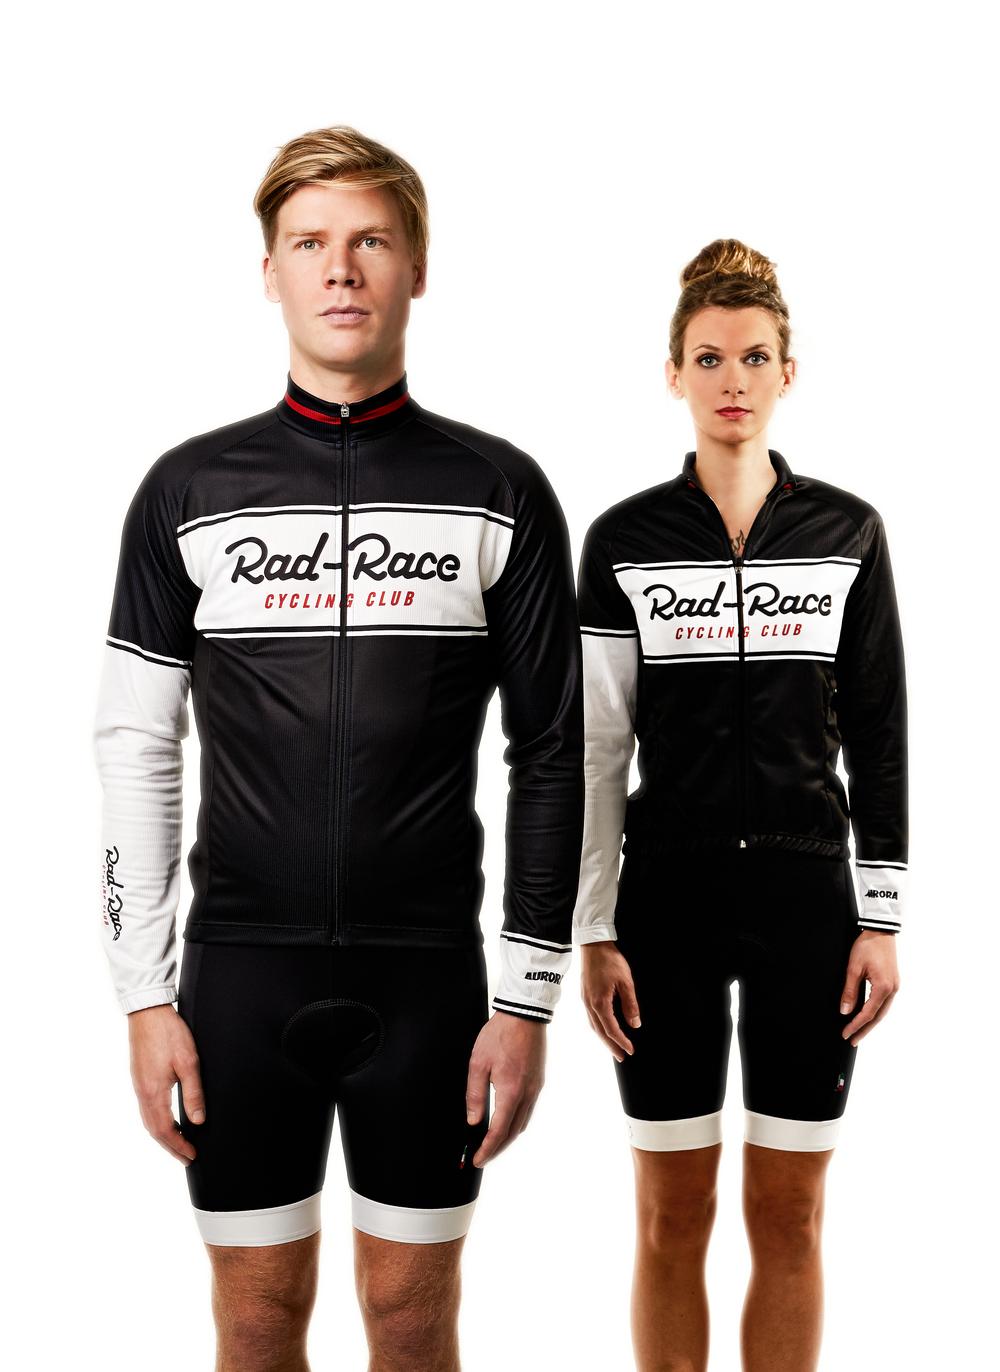 RadRaceShop_CyclingClub_21.jpg